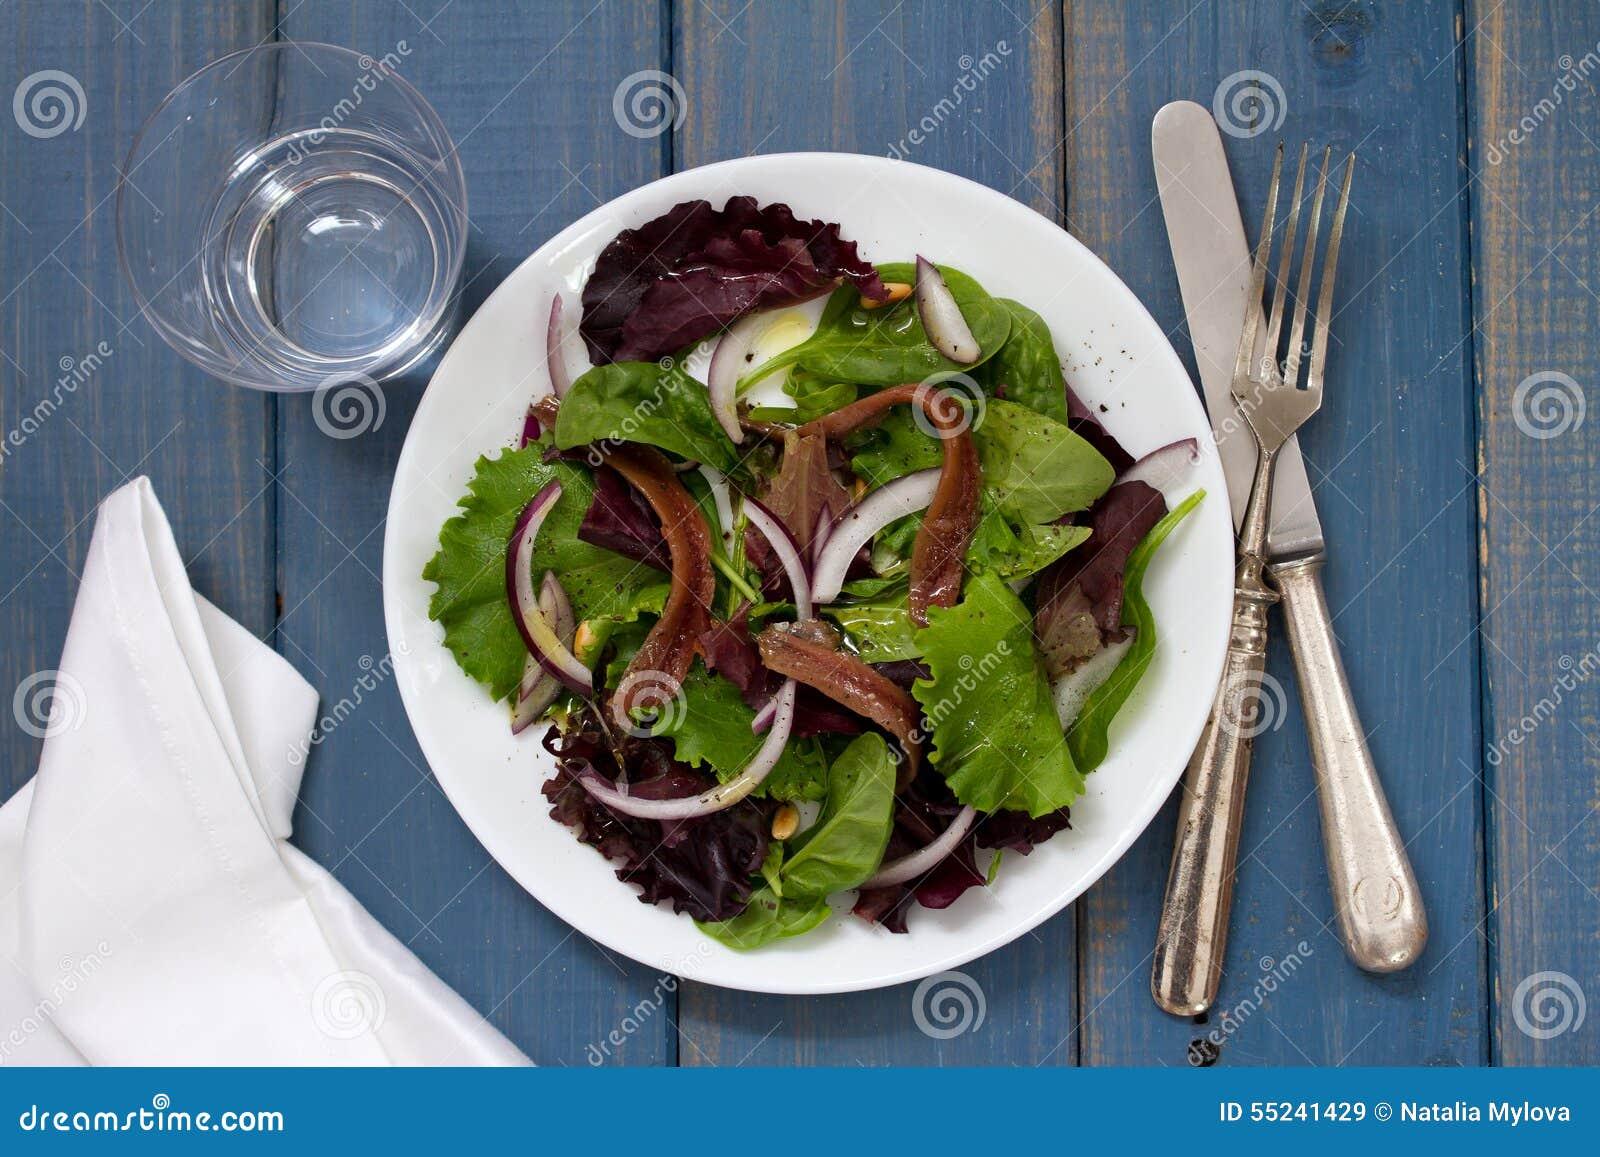 Sałatka z sardelami i cebulą na bielu talerzu na błękitnym tle